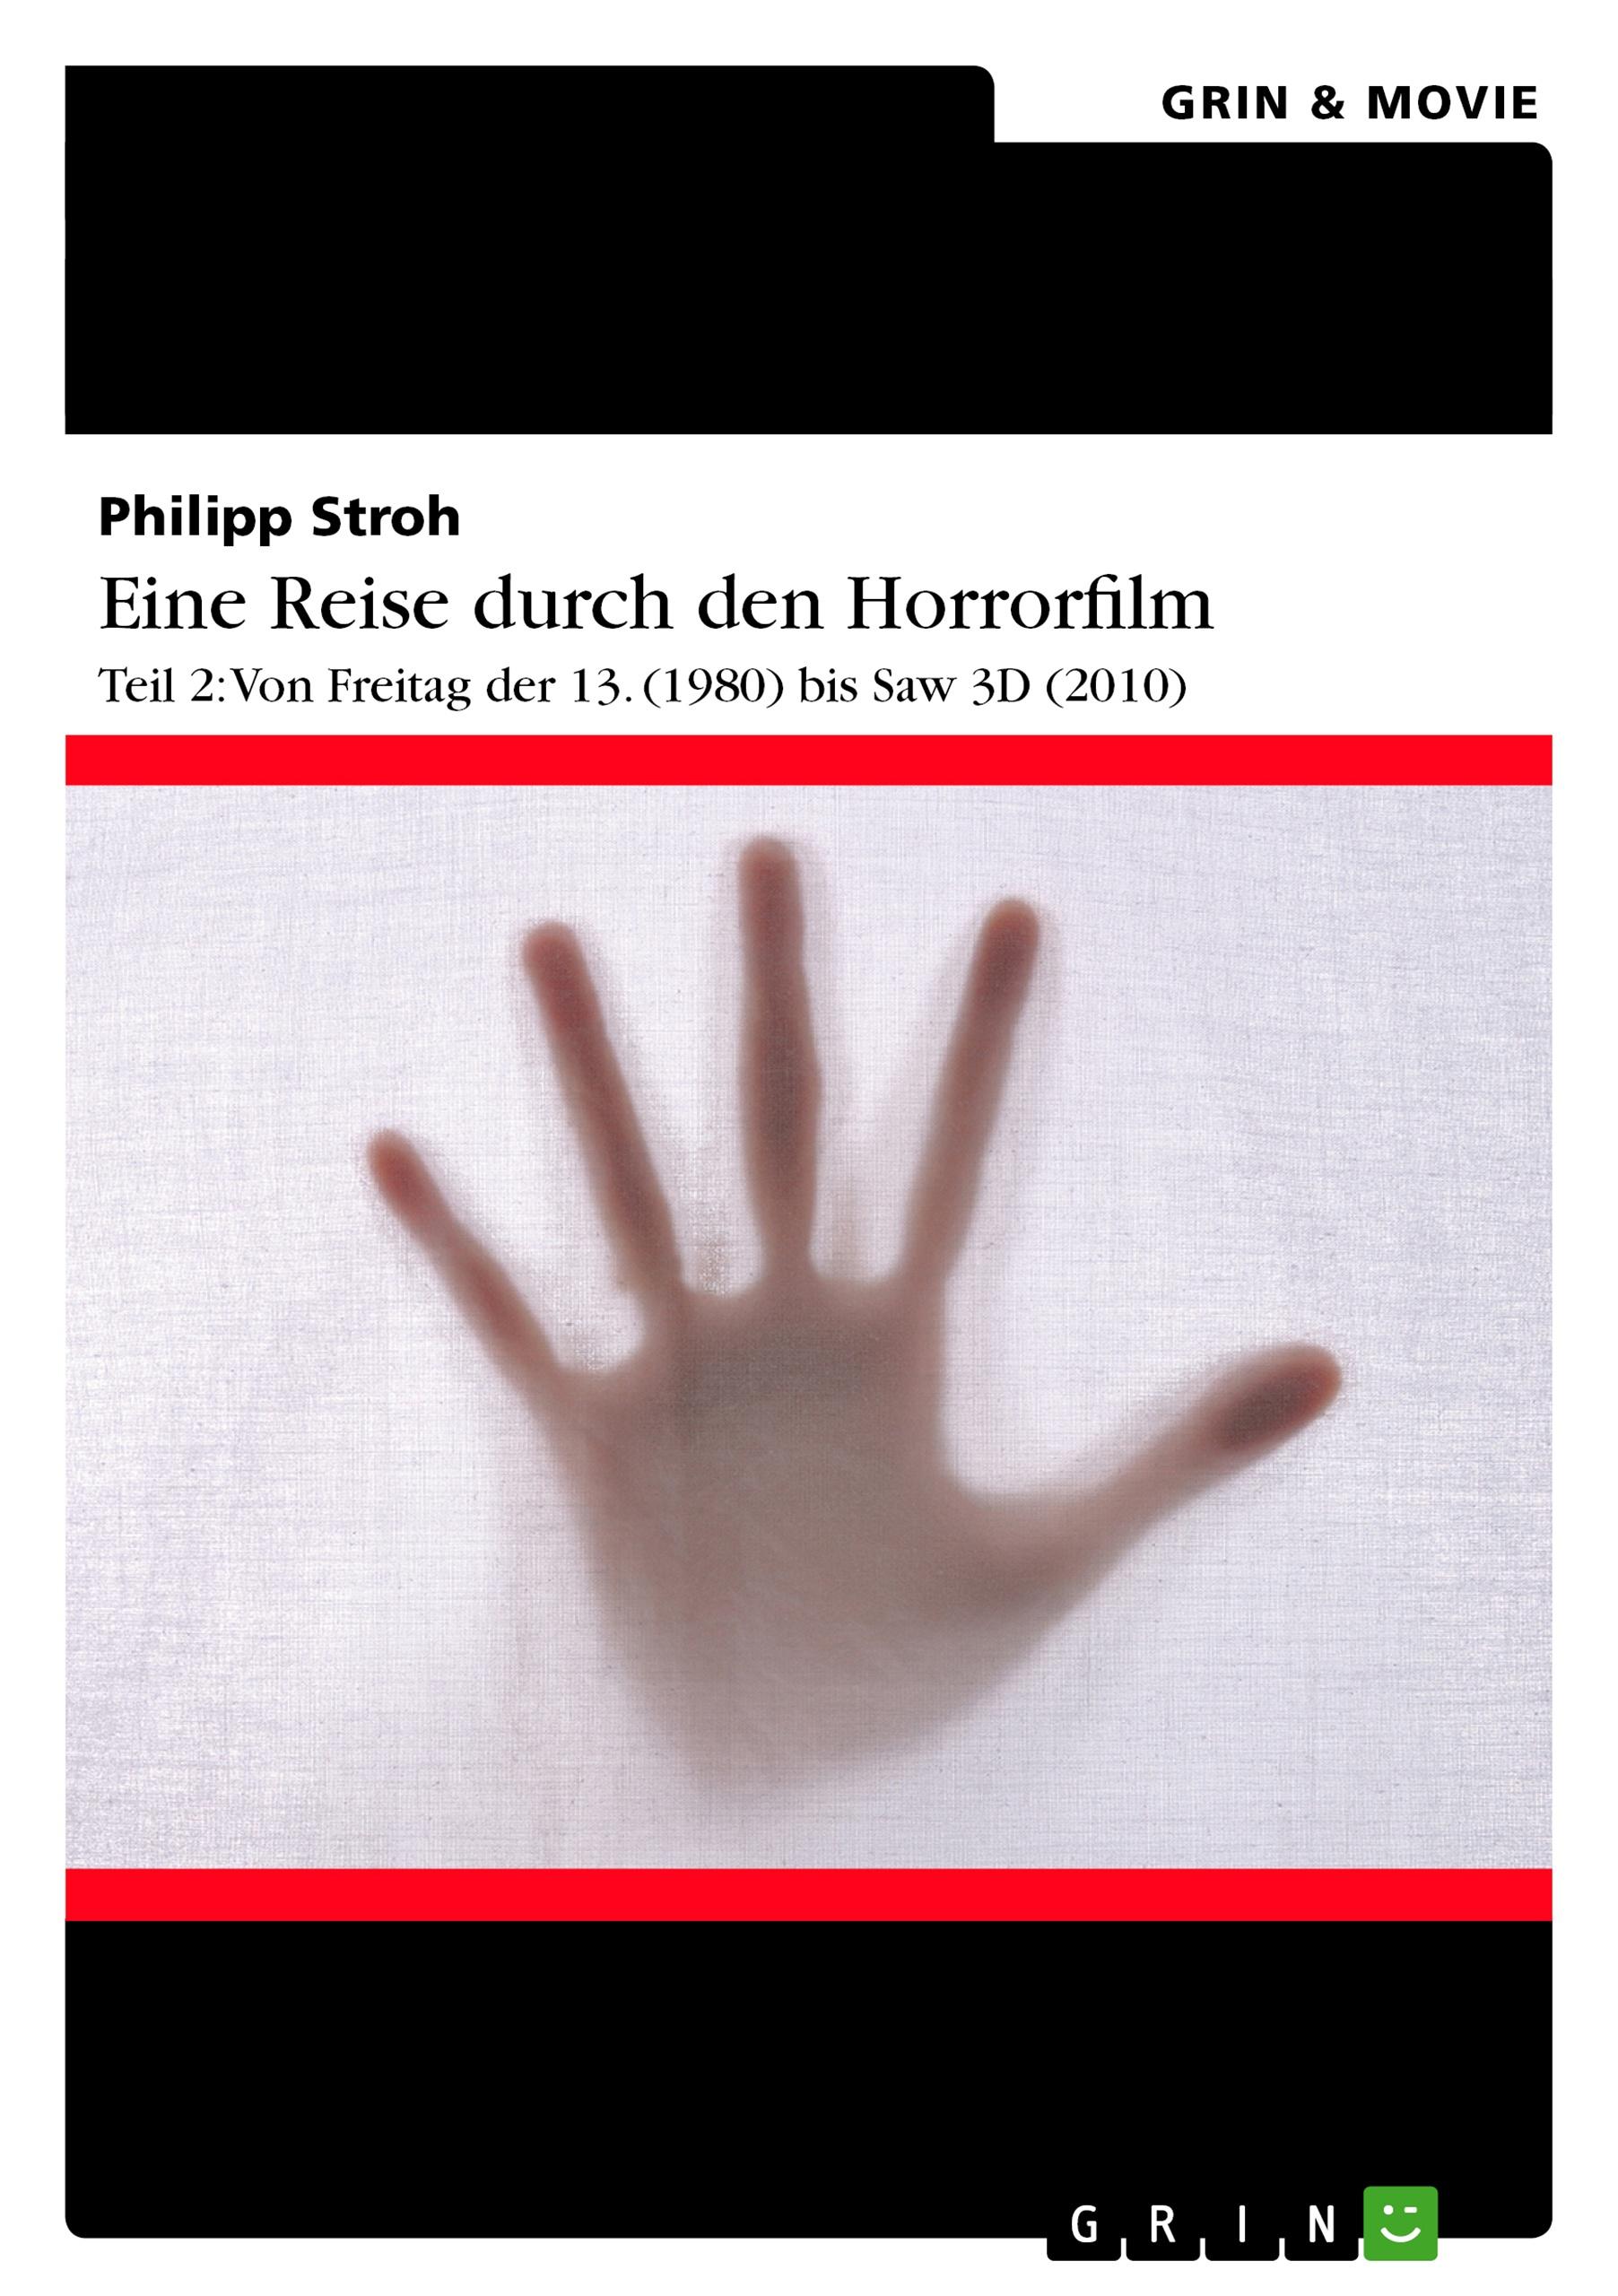 Titel: Eine Reise durch den Horrorfilm. Teil 2: Von Freitag der 13. (1980) bis Saw 3D (2010)